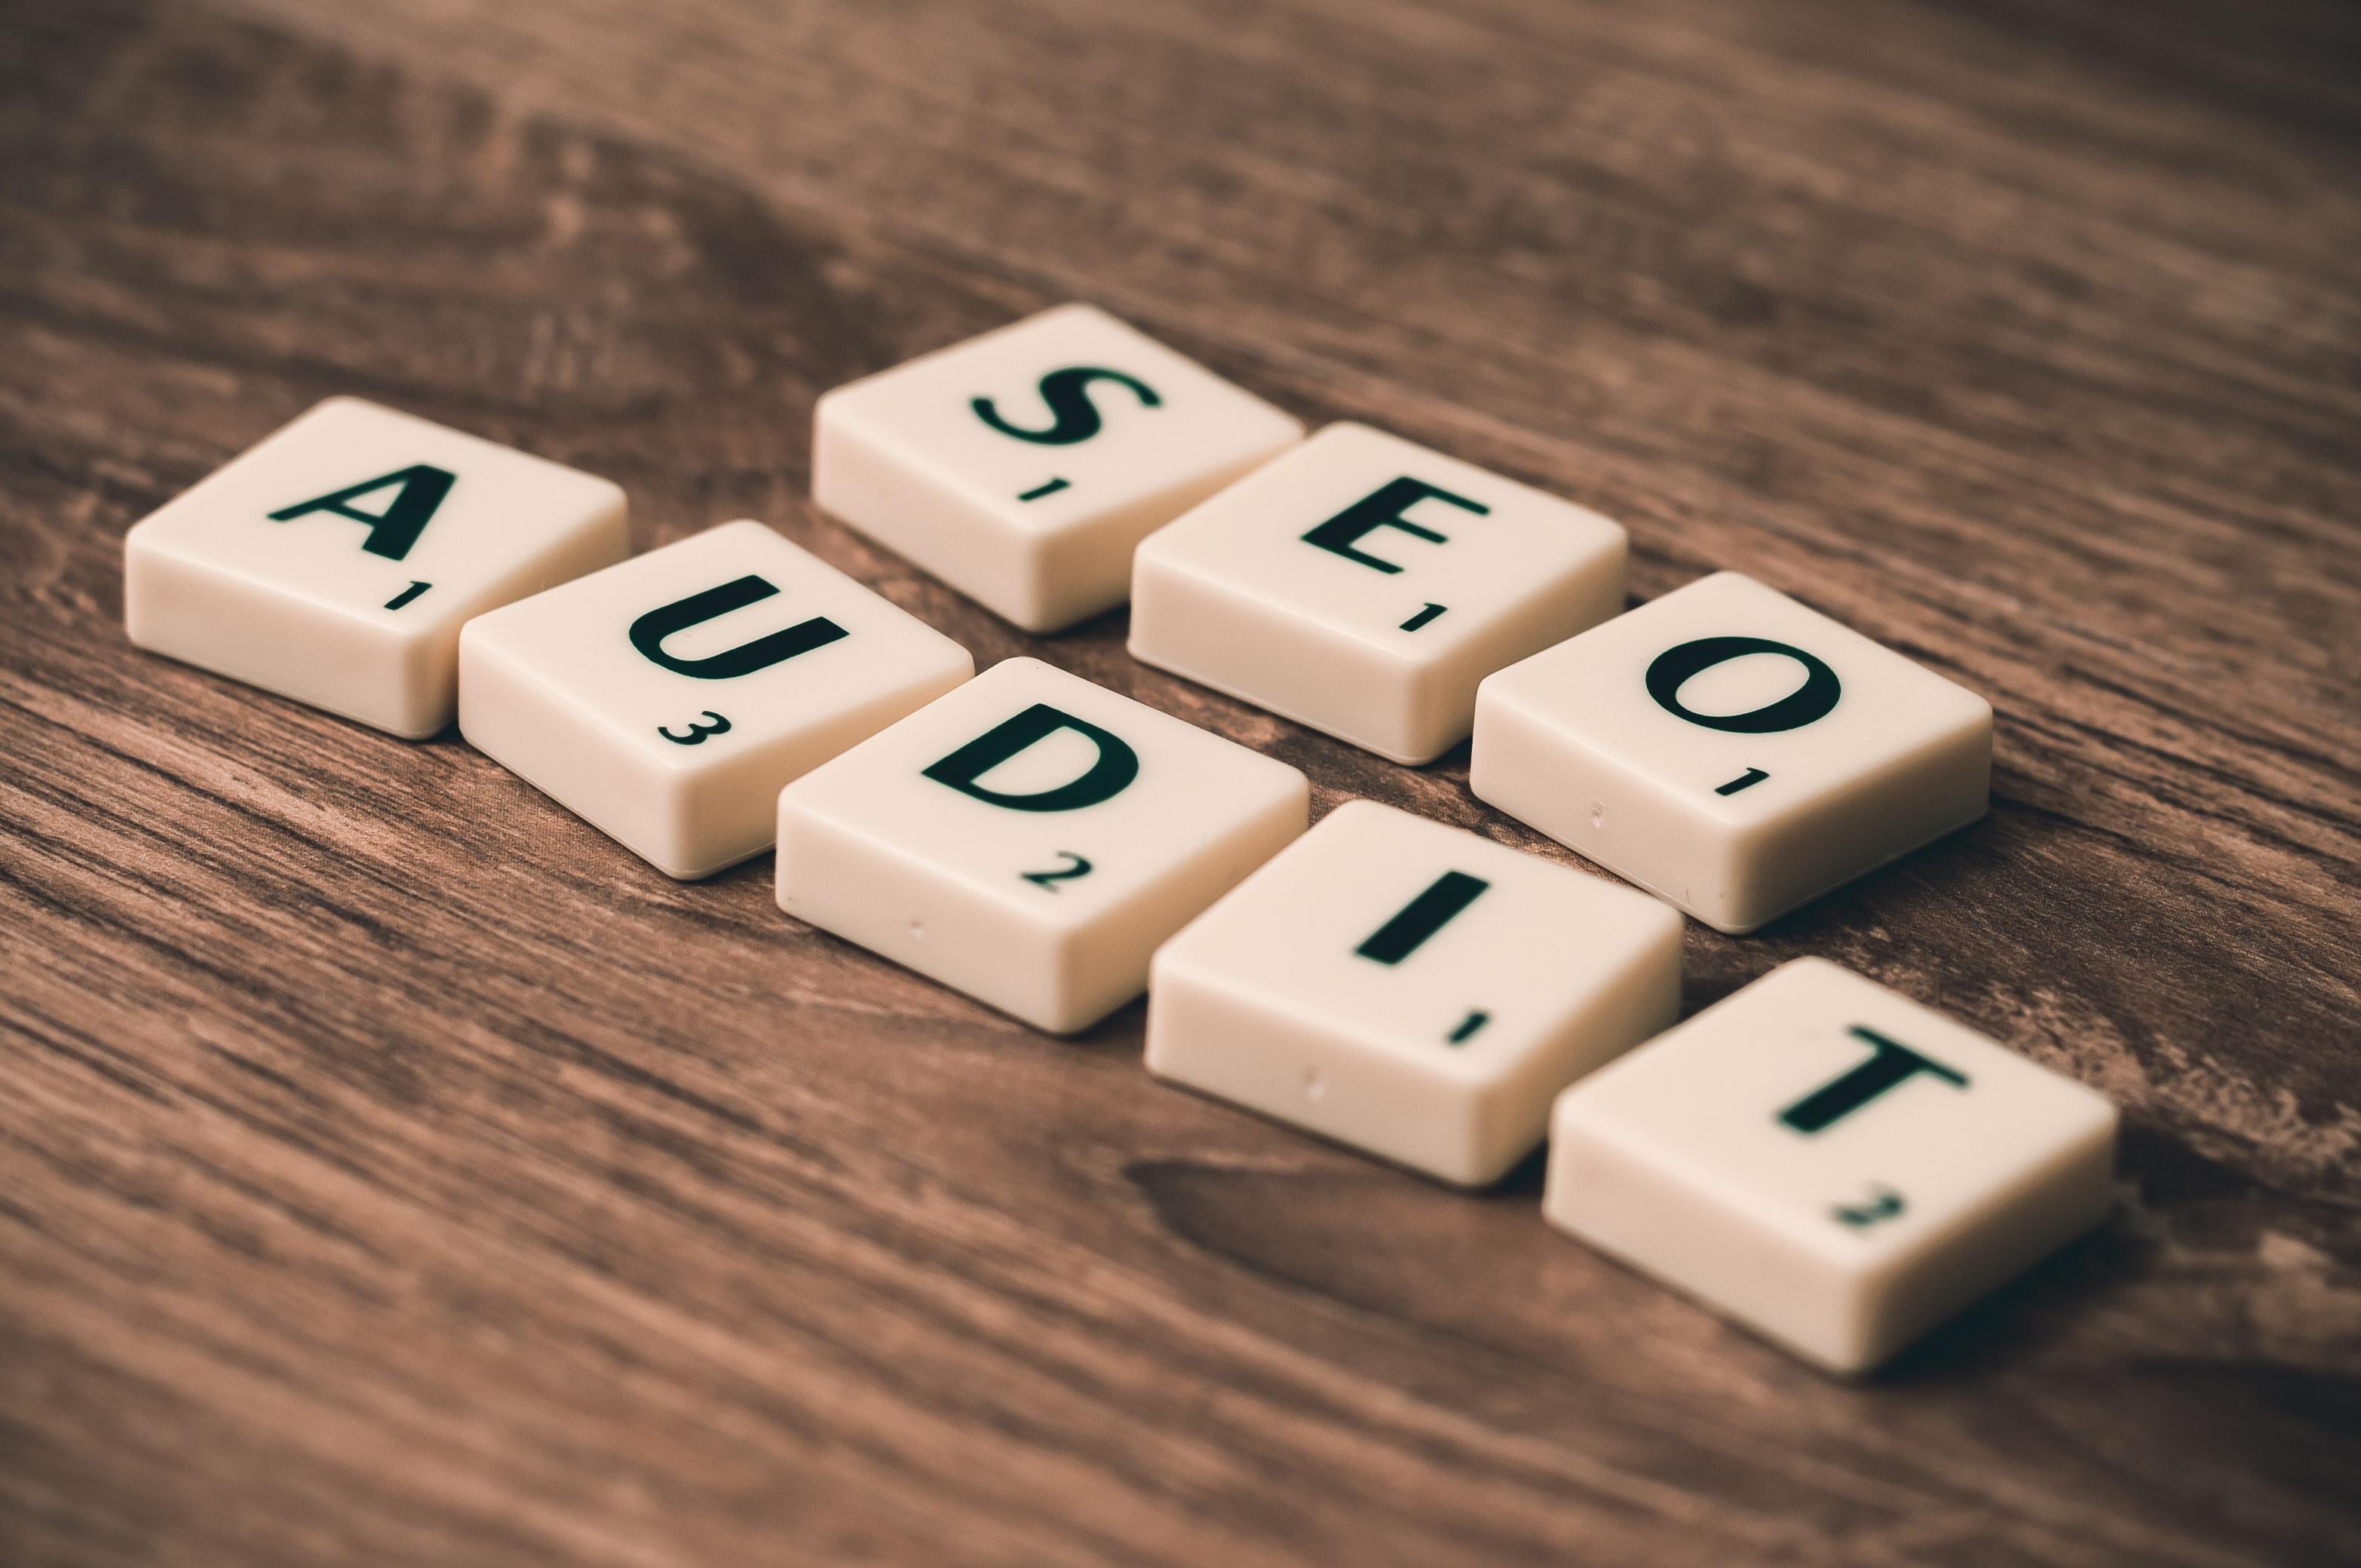 Comment savoir si votre agence SEO fait du bon travail ? 4 signes que vous avez une bonne agence de référencement sur Google ! 2